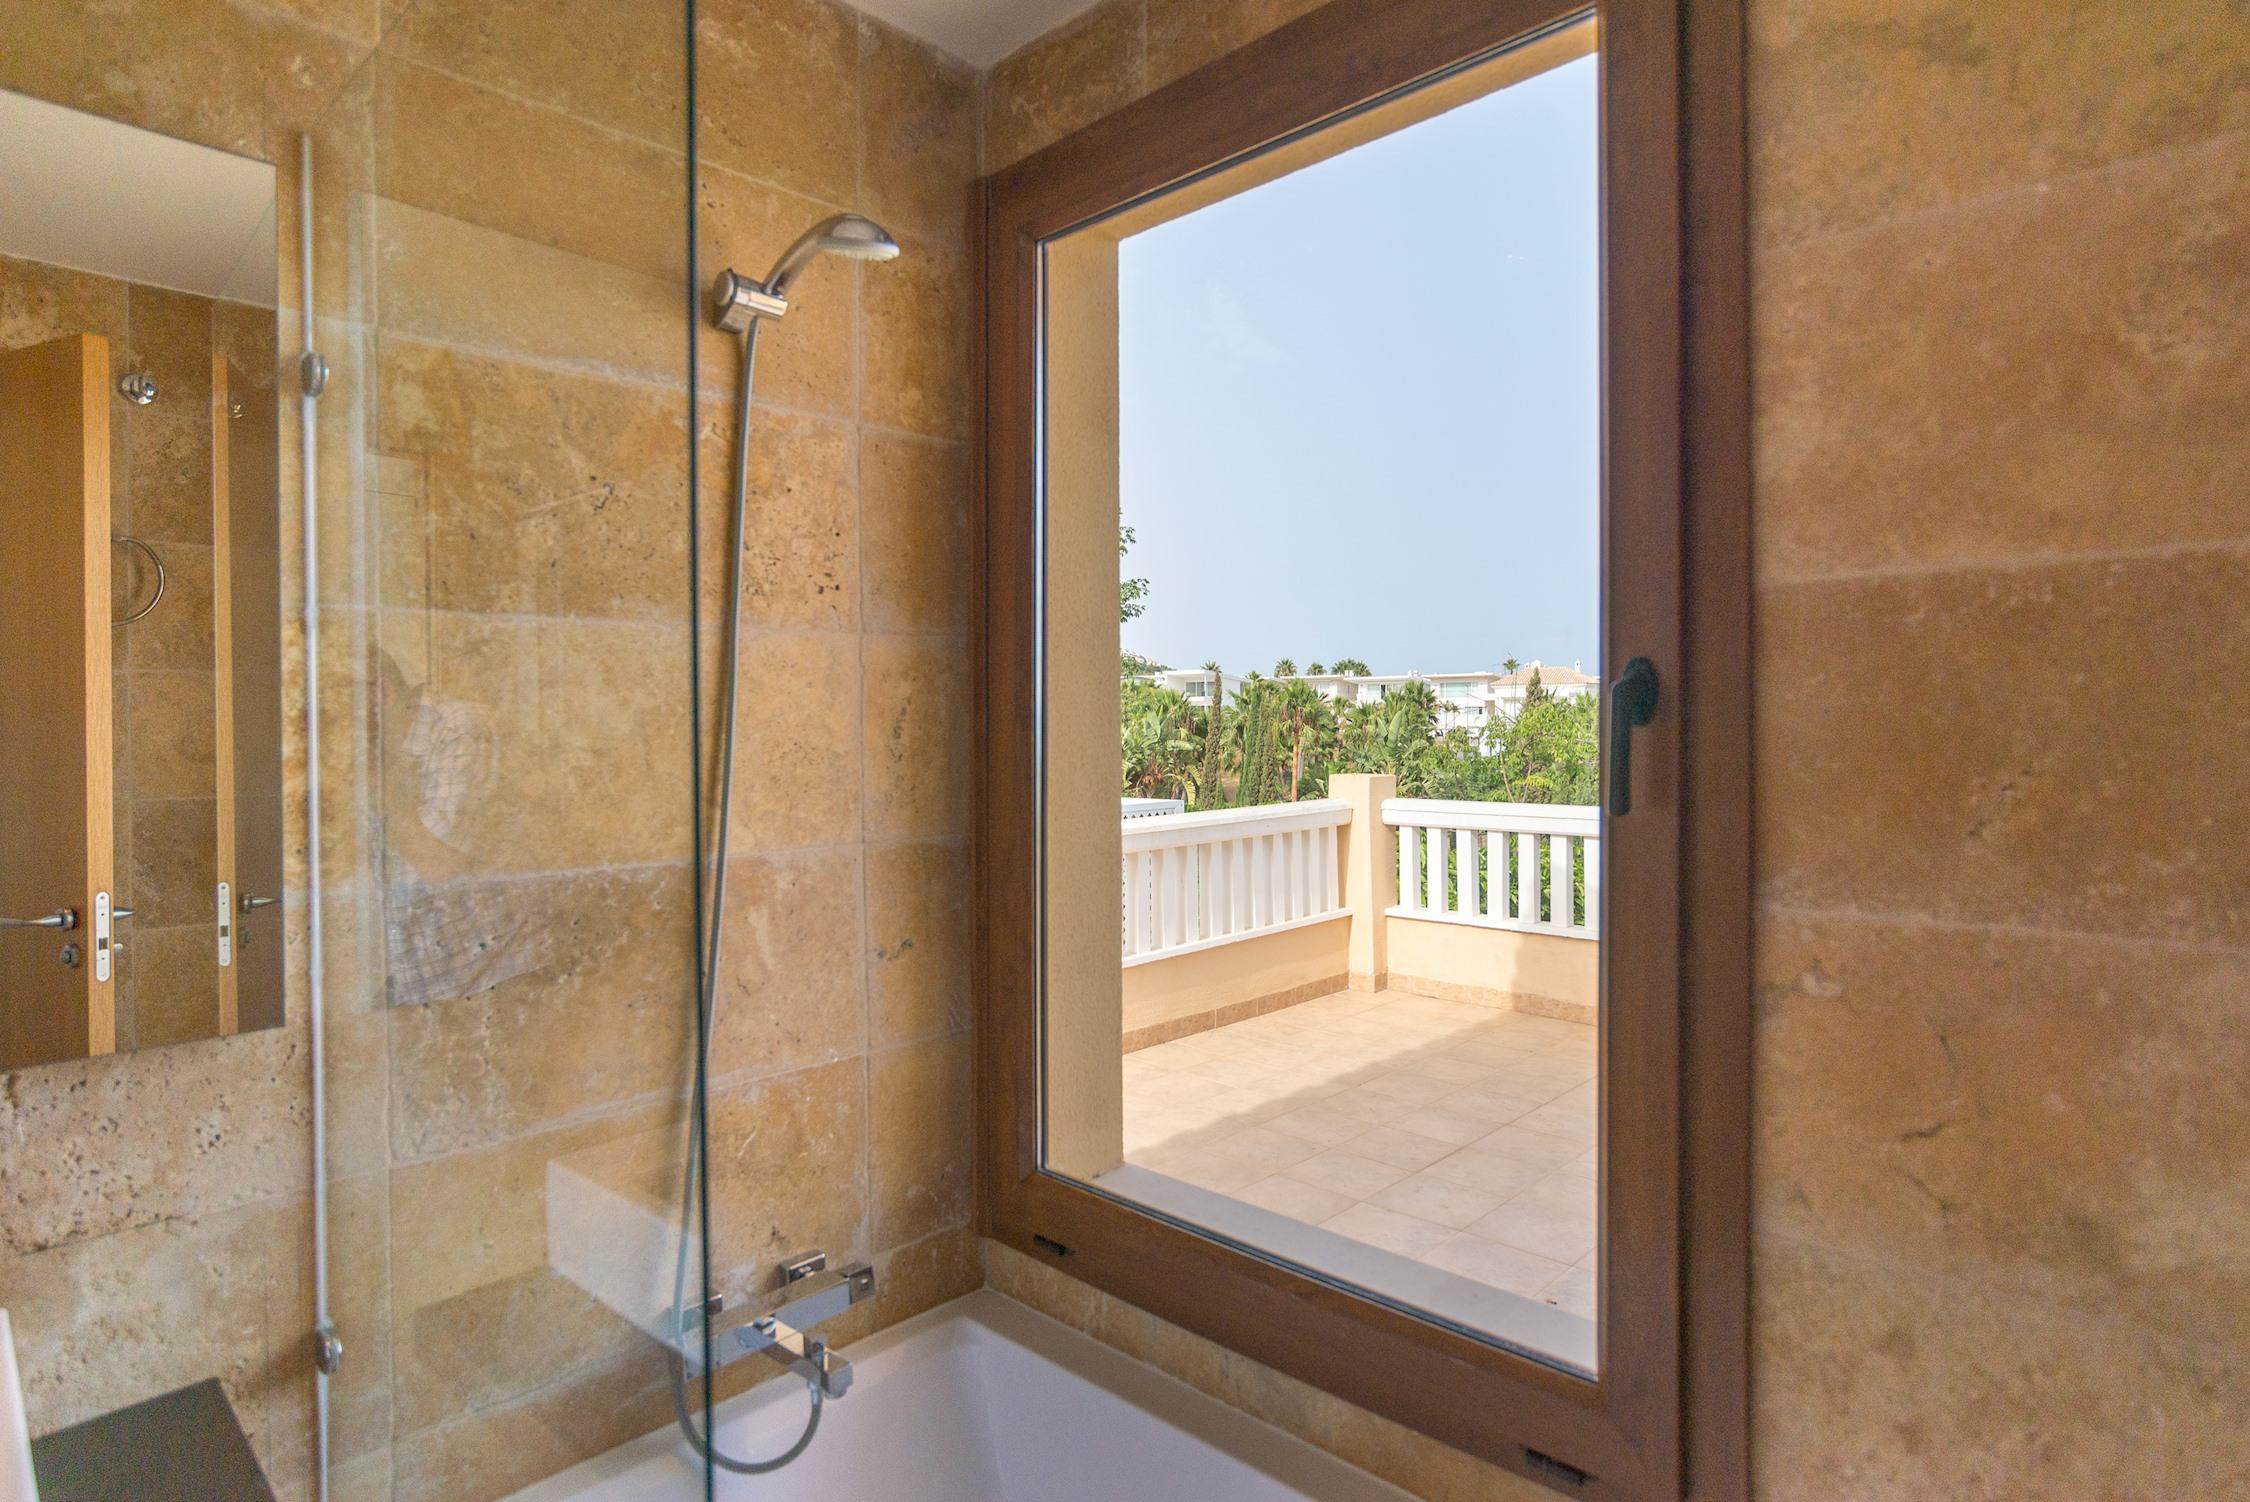 Apartment MalagaSuite Private Deluxe Villa photo 20498731